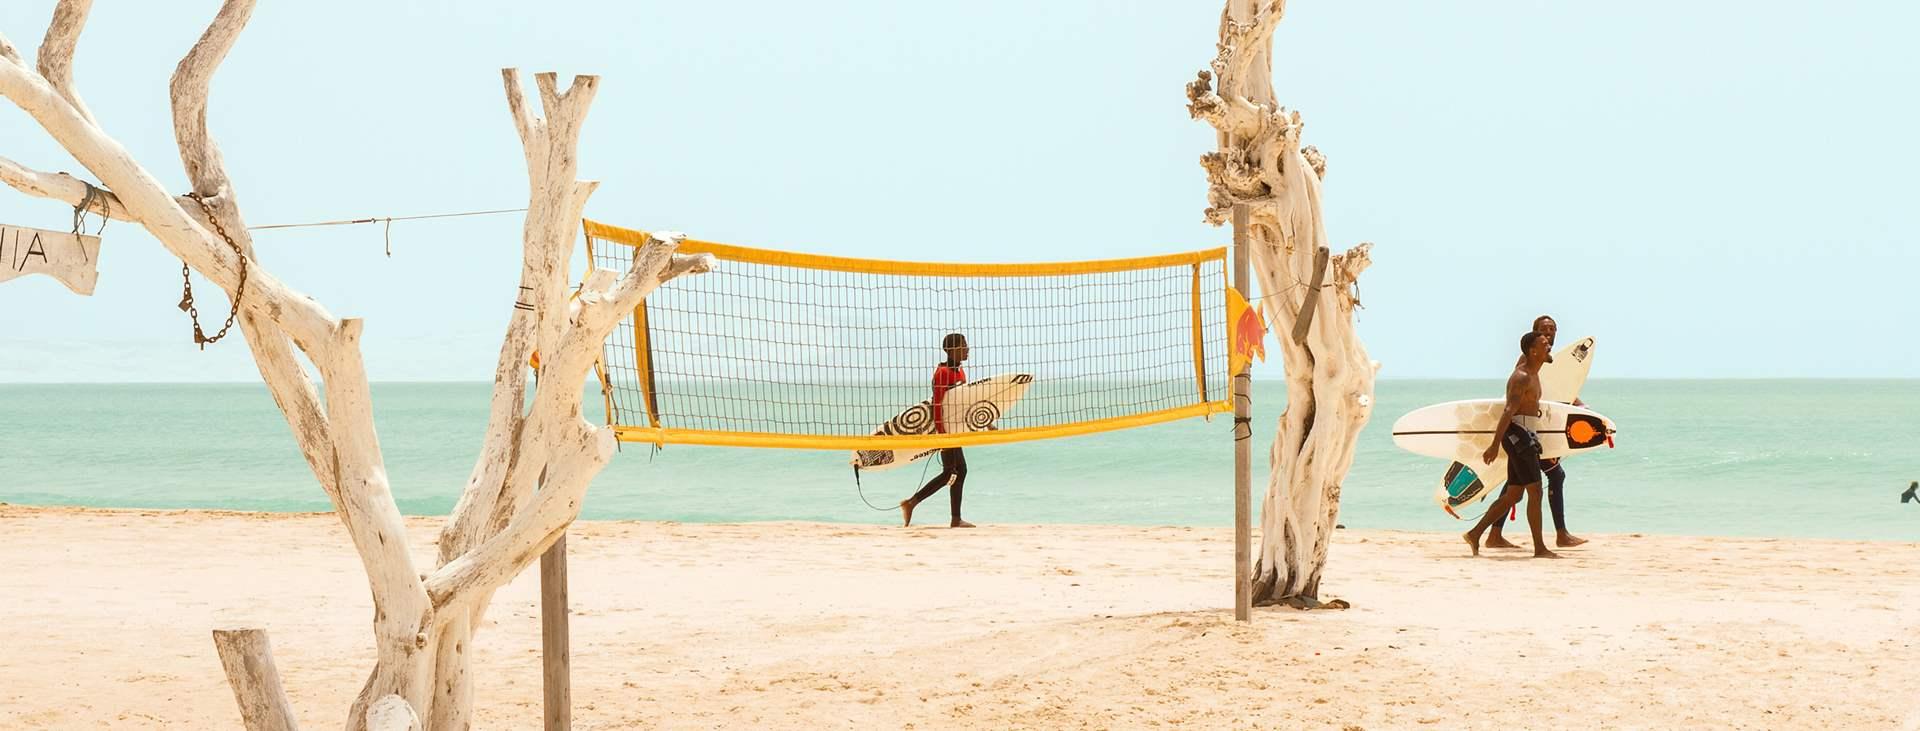 Boka din resa till Boa Vista, Kap Verde med Ving